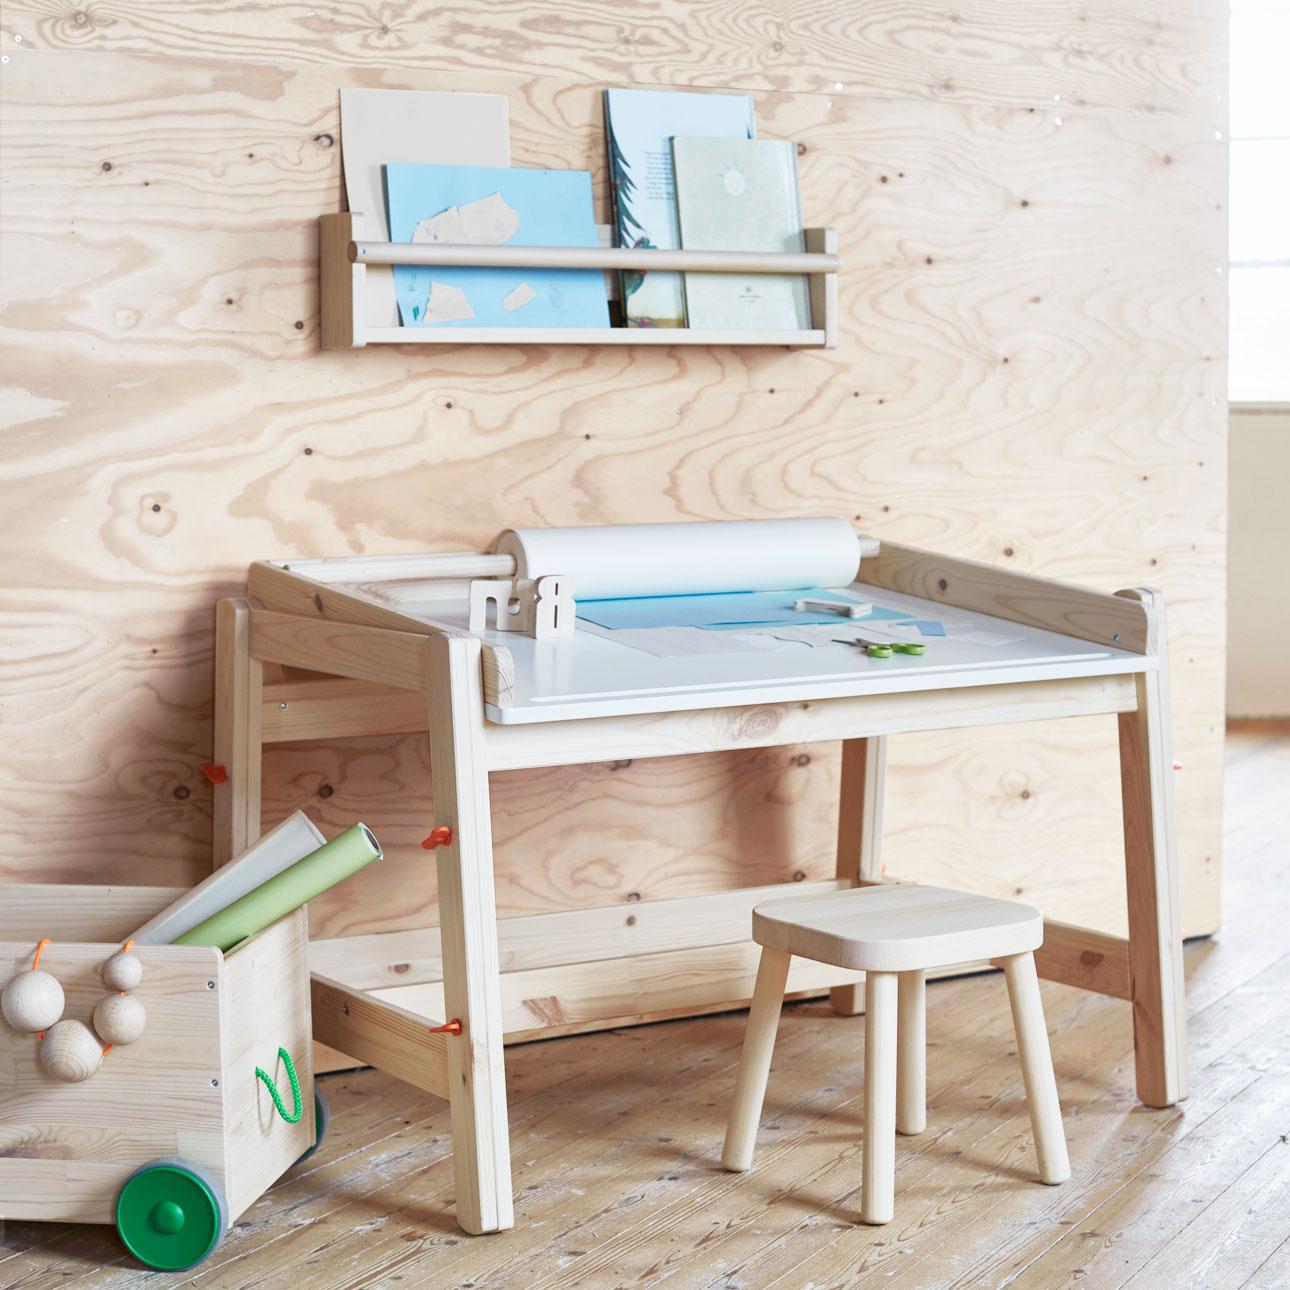 Ikea kinderland mooi hout is niet lelijk for Ikea ladeblok hout